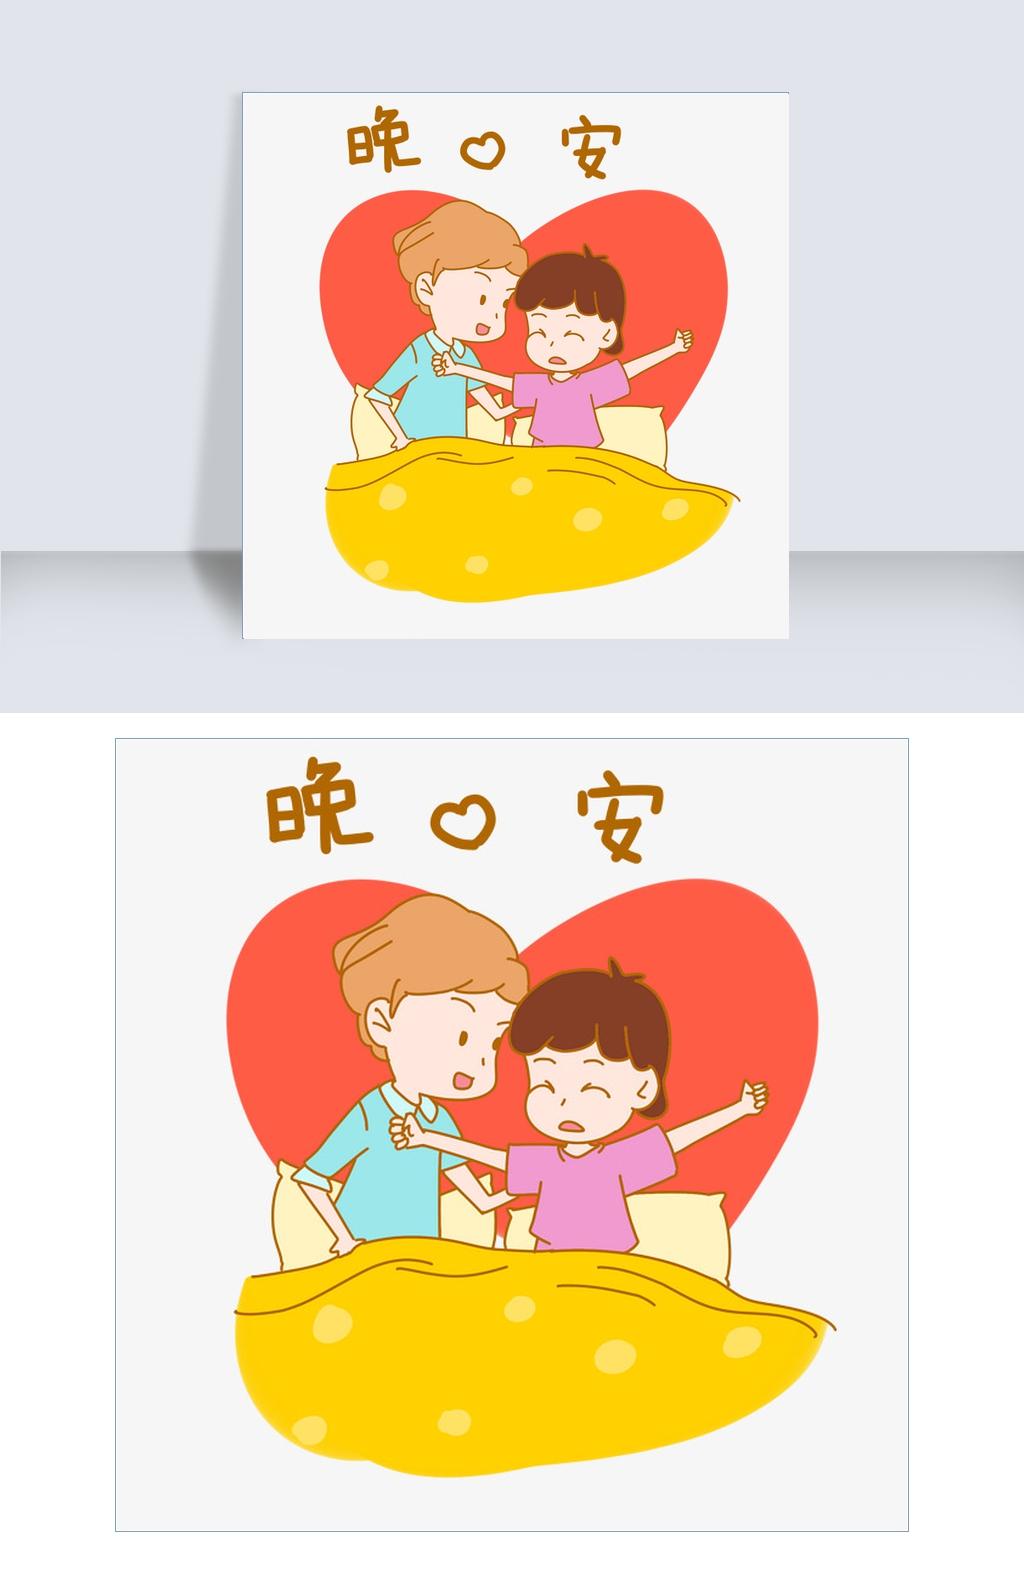 七夕情侣晚安表情包插画图片素材 PSB格式 下载 卡通手绘边框大全